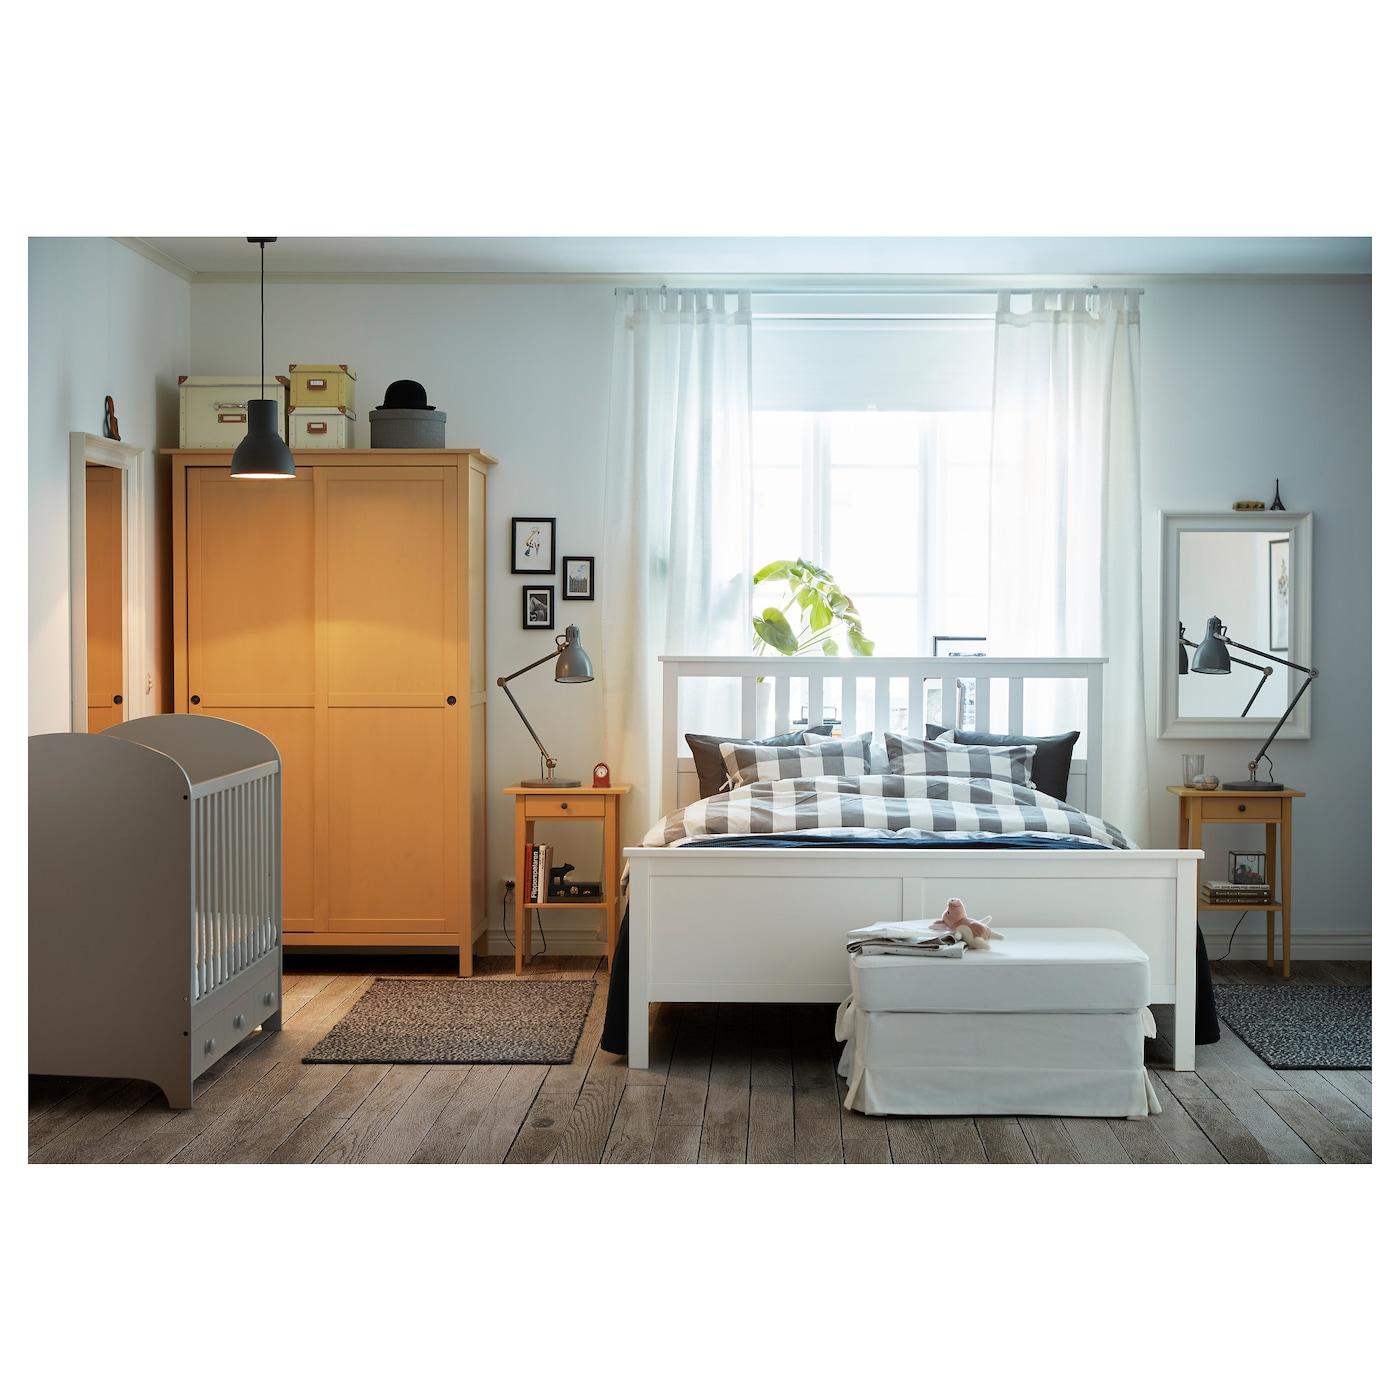 hemnes bed frame white stain/leirsund 180x200 cm - ikea, Hause deko